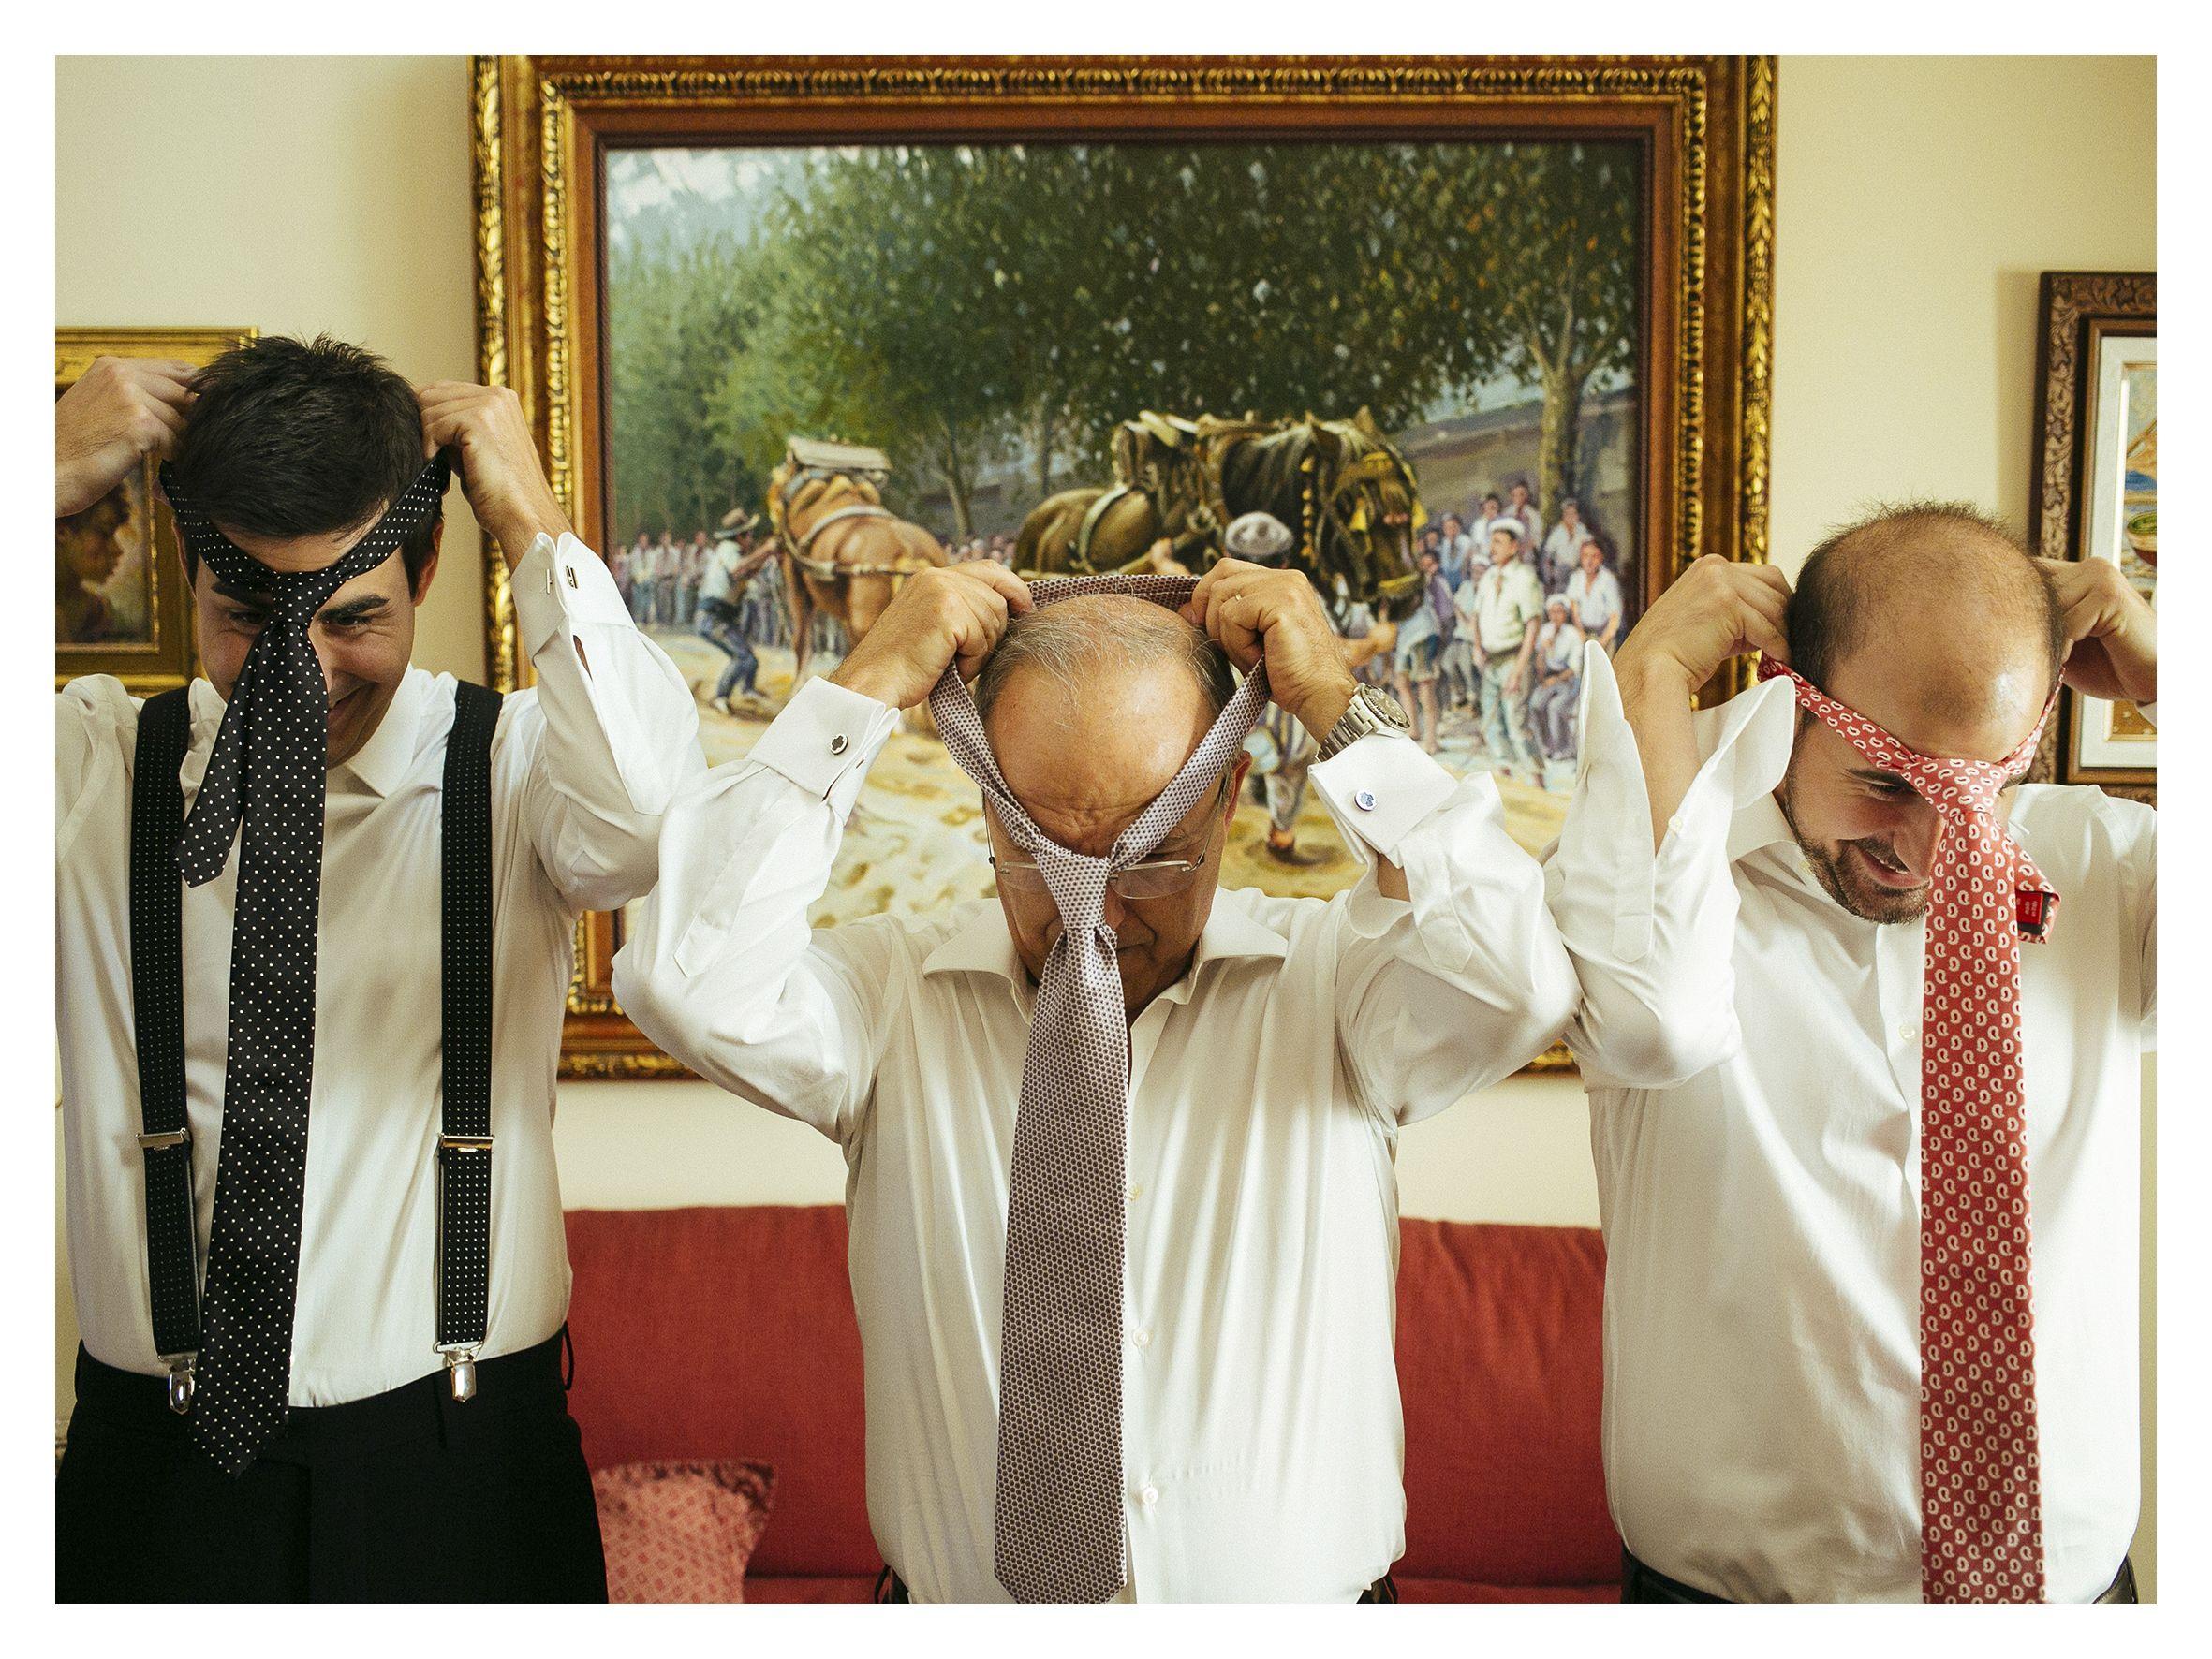 Novio, padre y hermano poniéndose la corbata by @fandi_es #novio #groom #groomsmen #noivo #bestman #corbata #tie